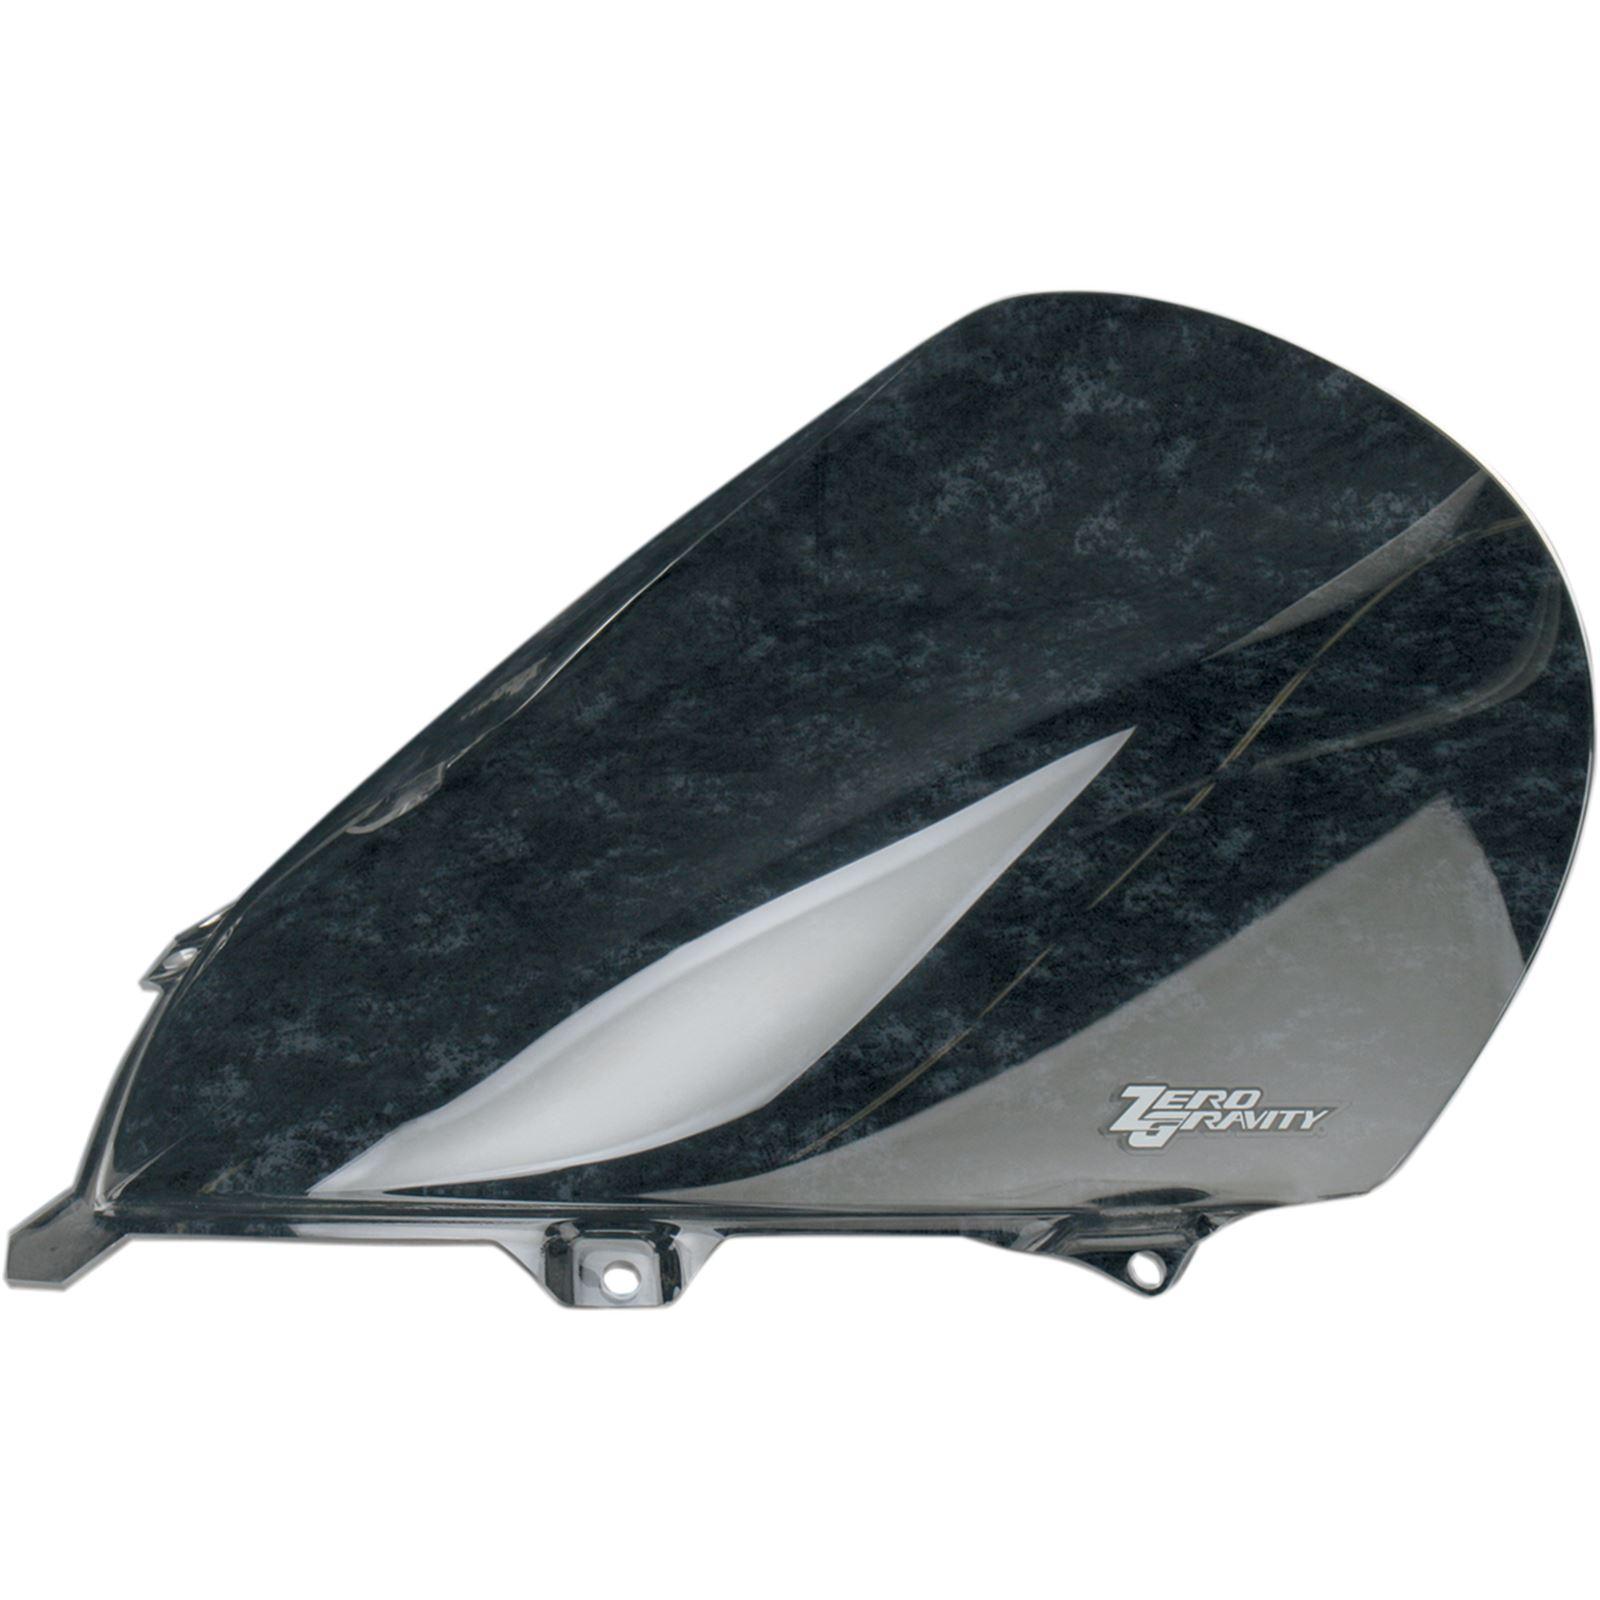 Zero Gravity Windshields Sport Winsdscreen - Clear - K1200/1300